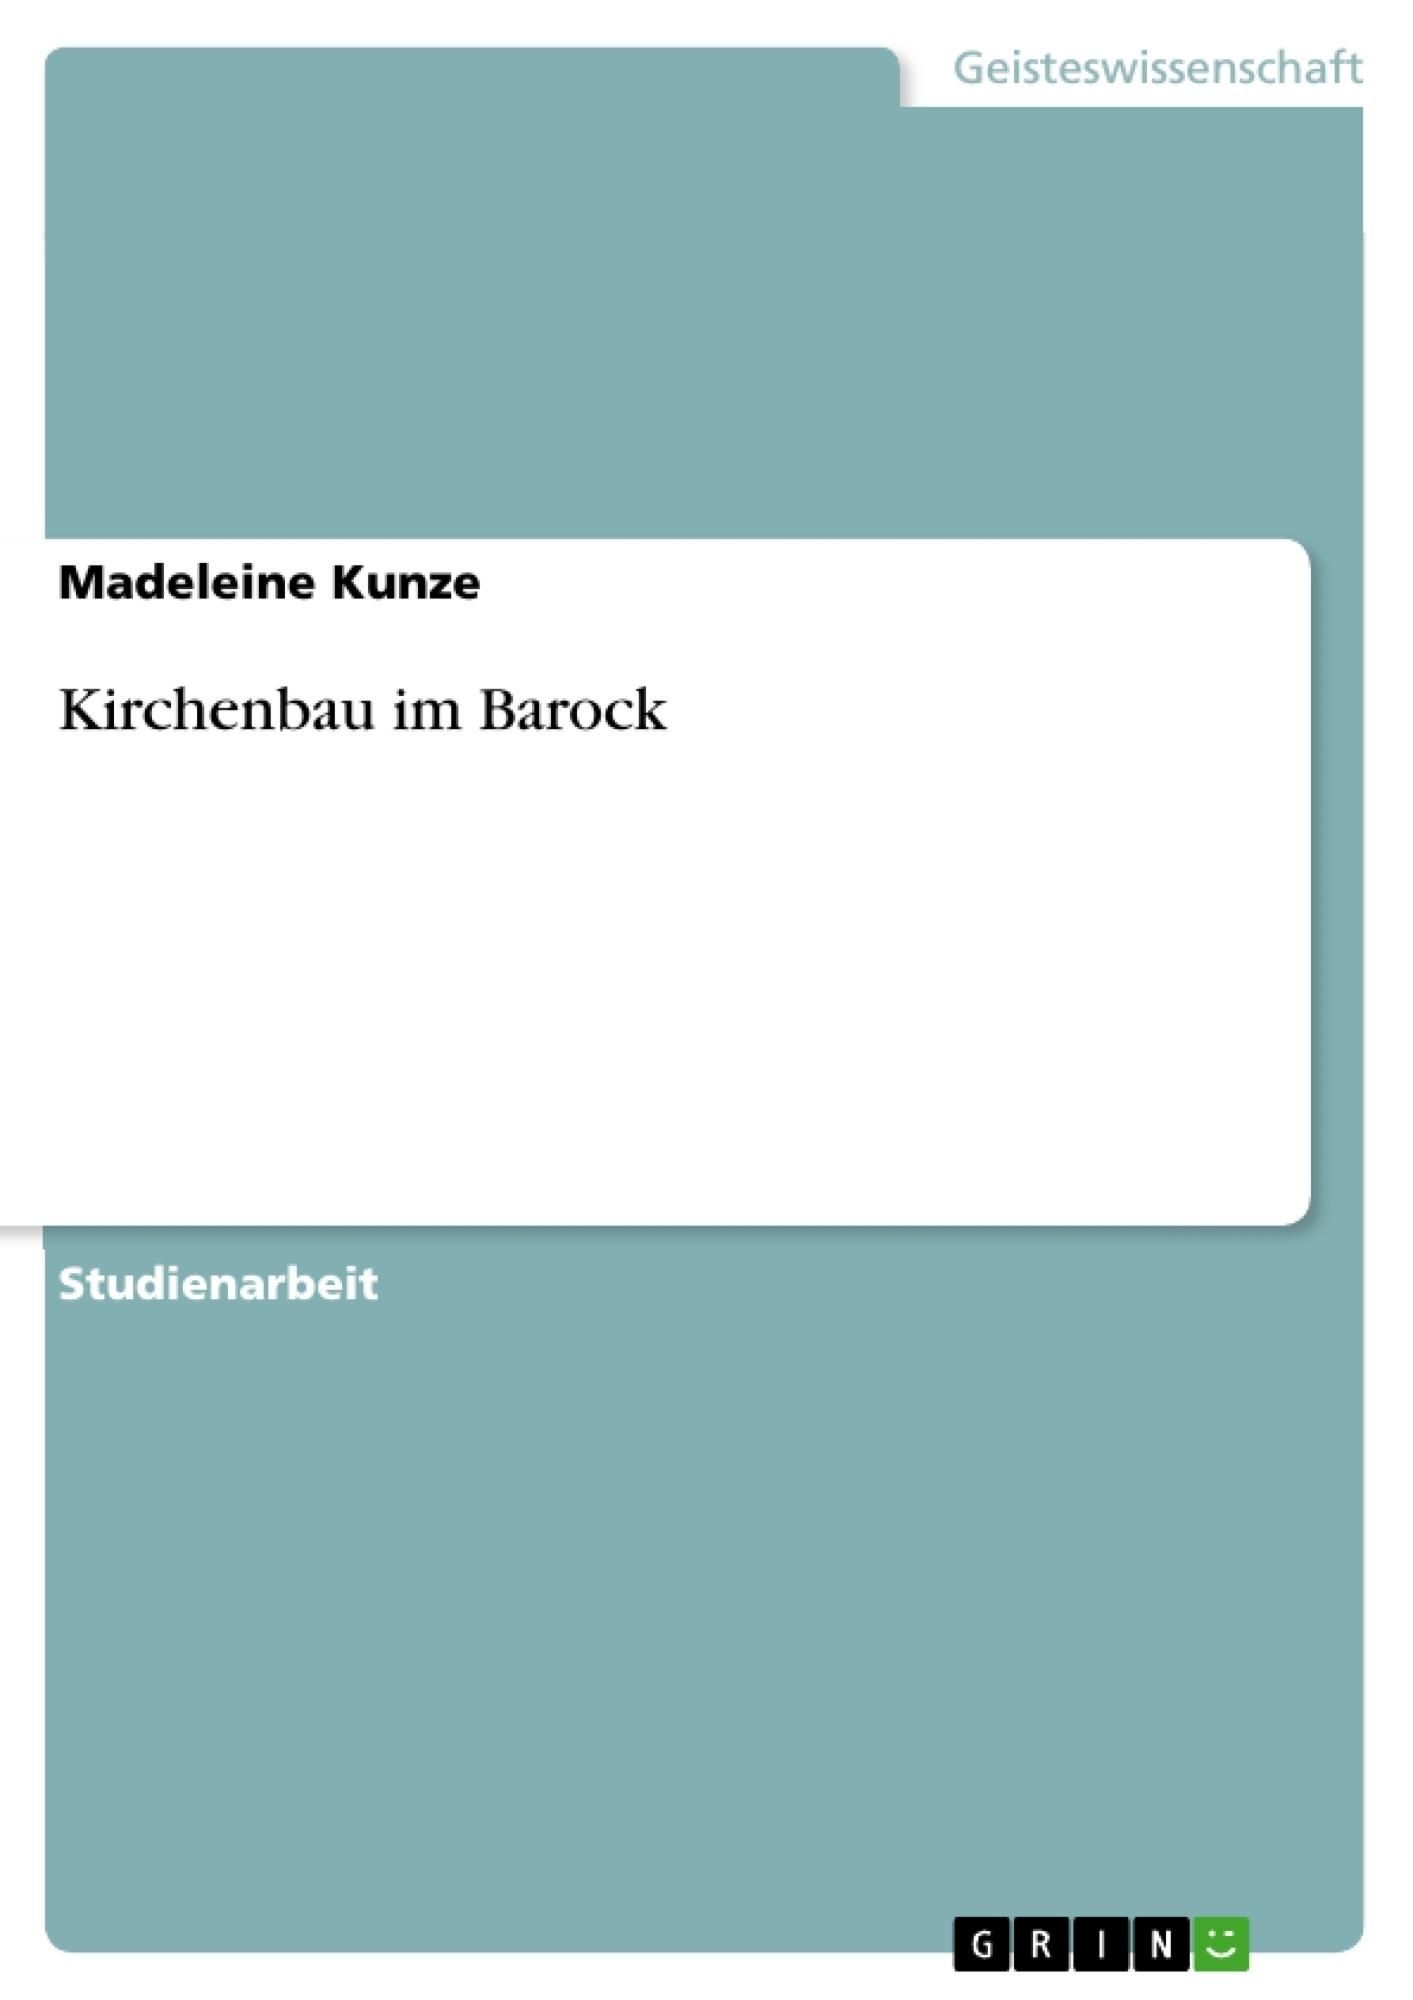 Titel: Kirchenbau im Barock